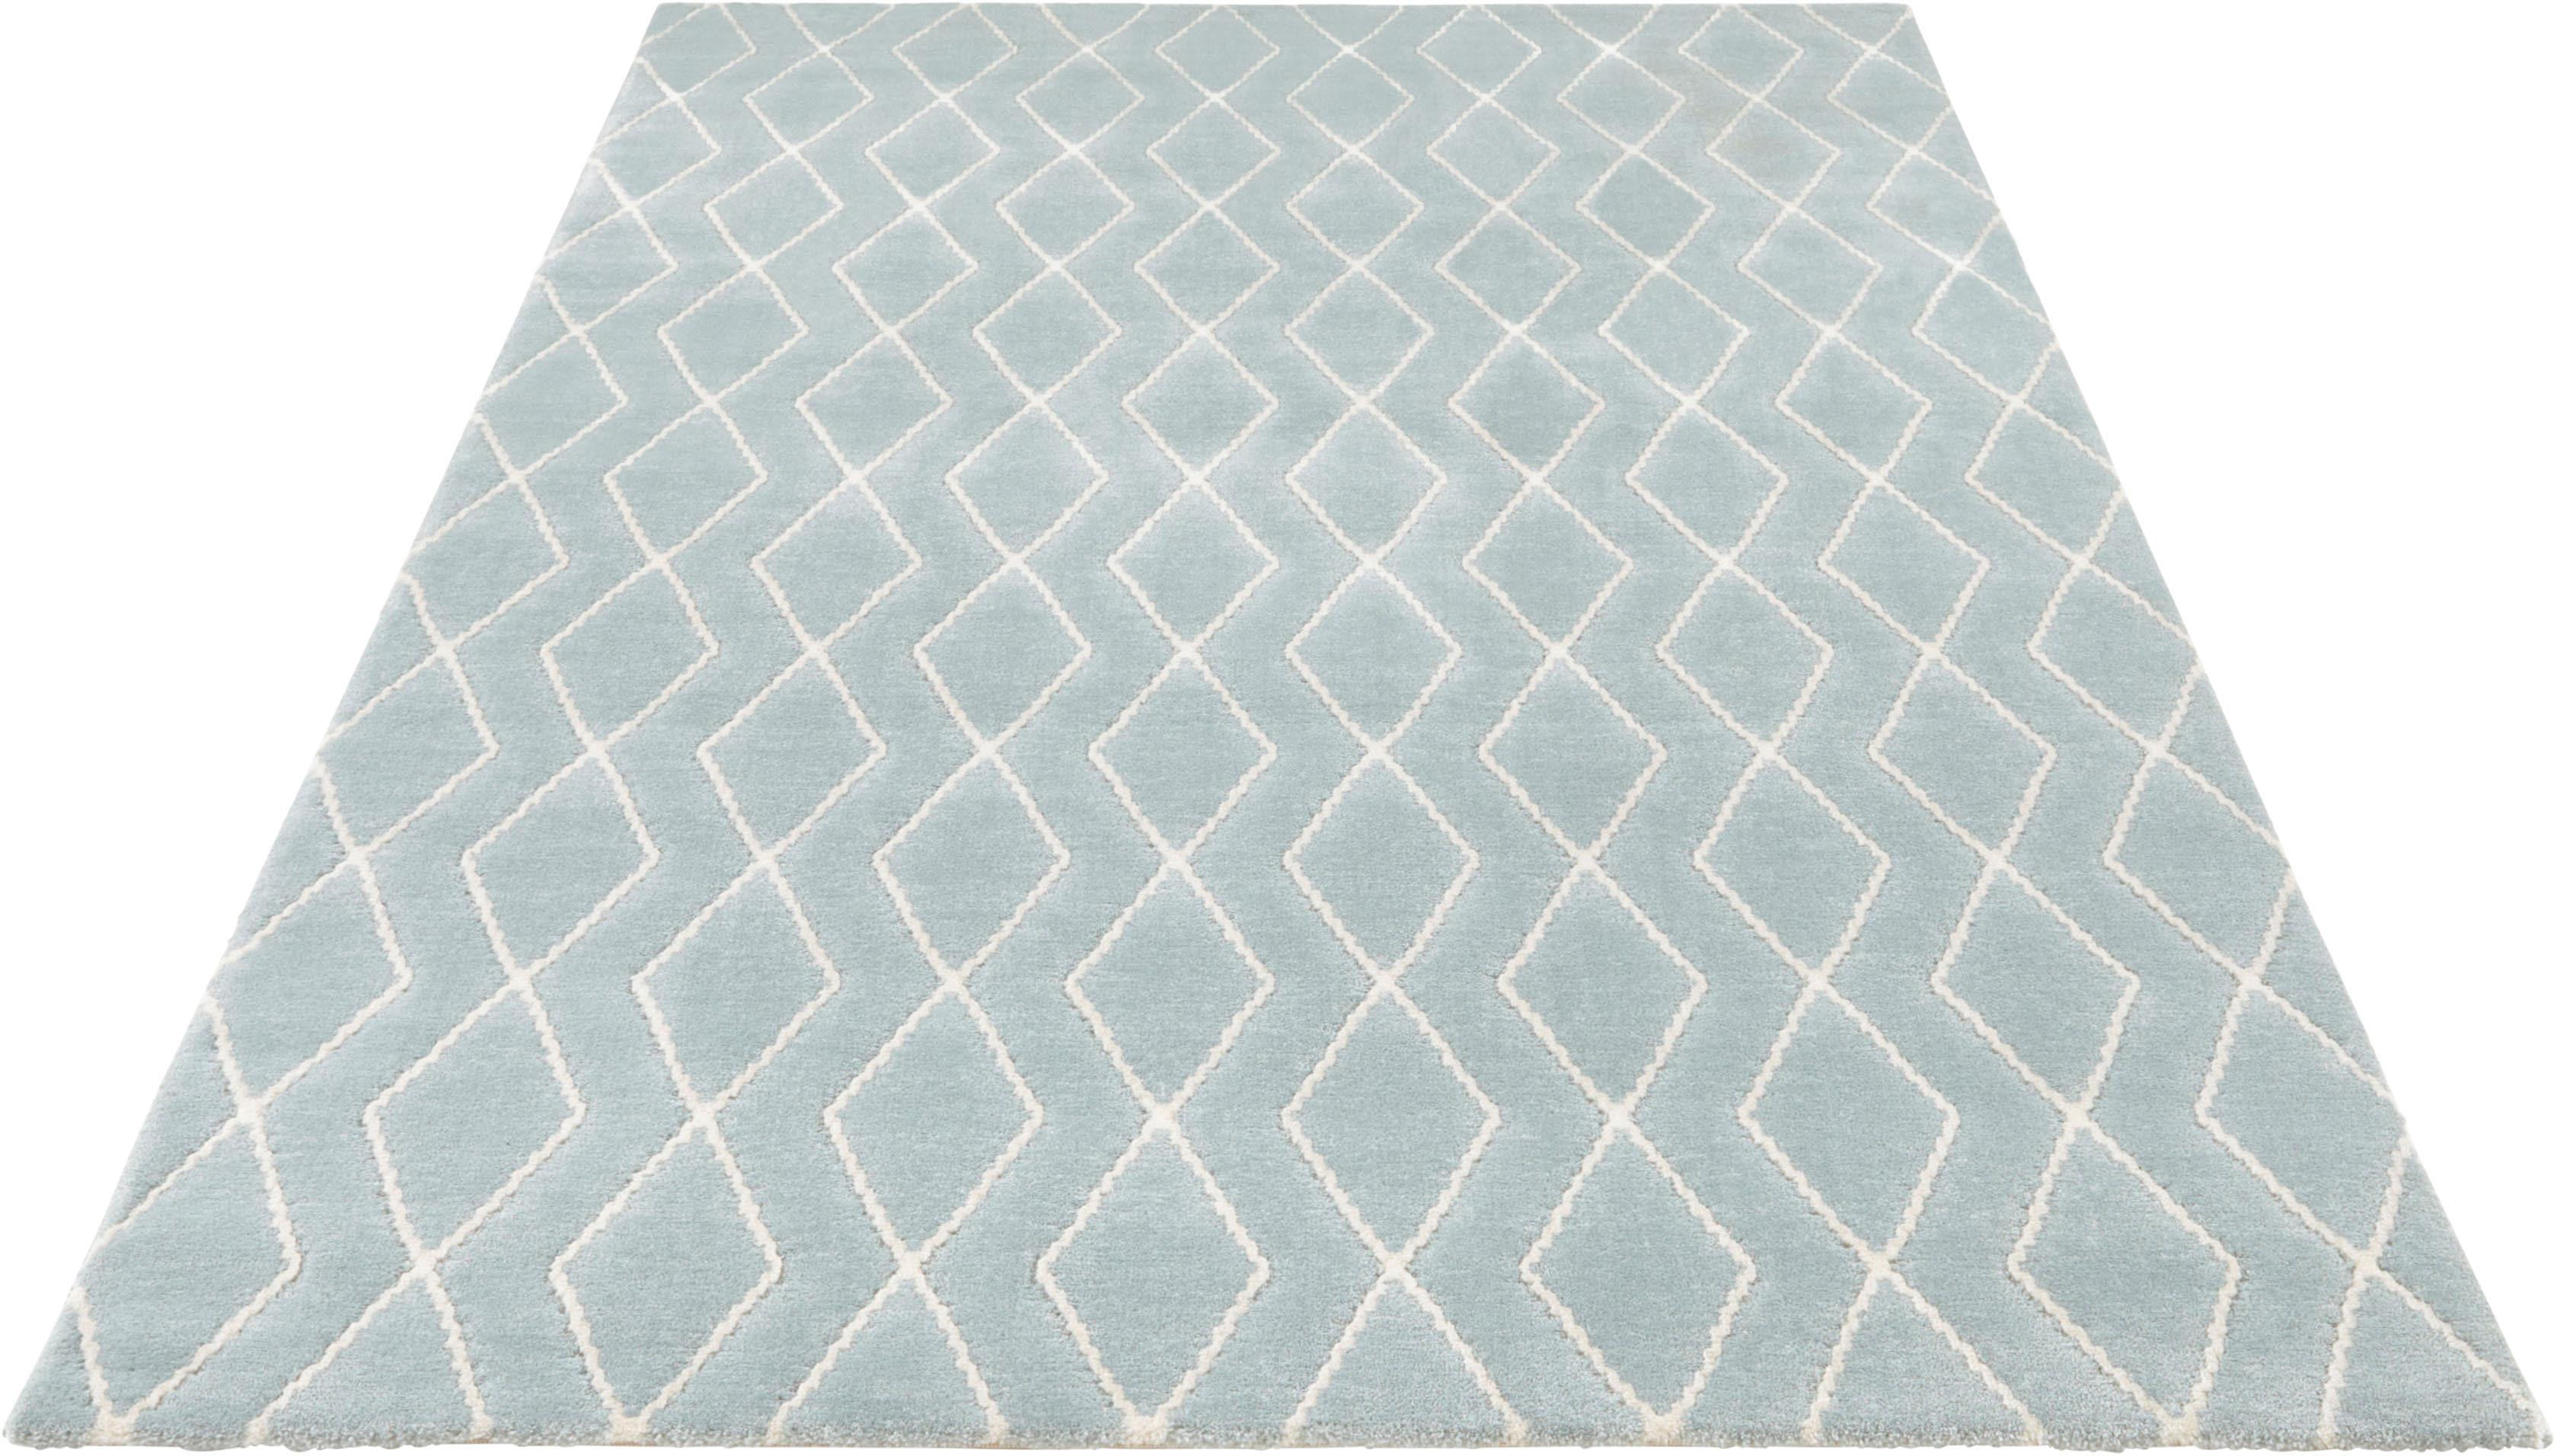 Teppich Rouen ELLE Decor rechteckig Höhe 12 mm maschinell gewebt